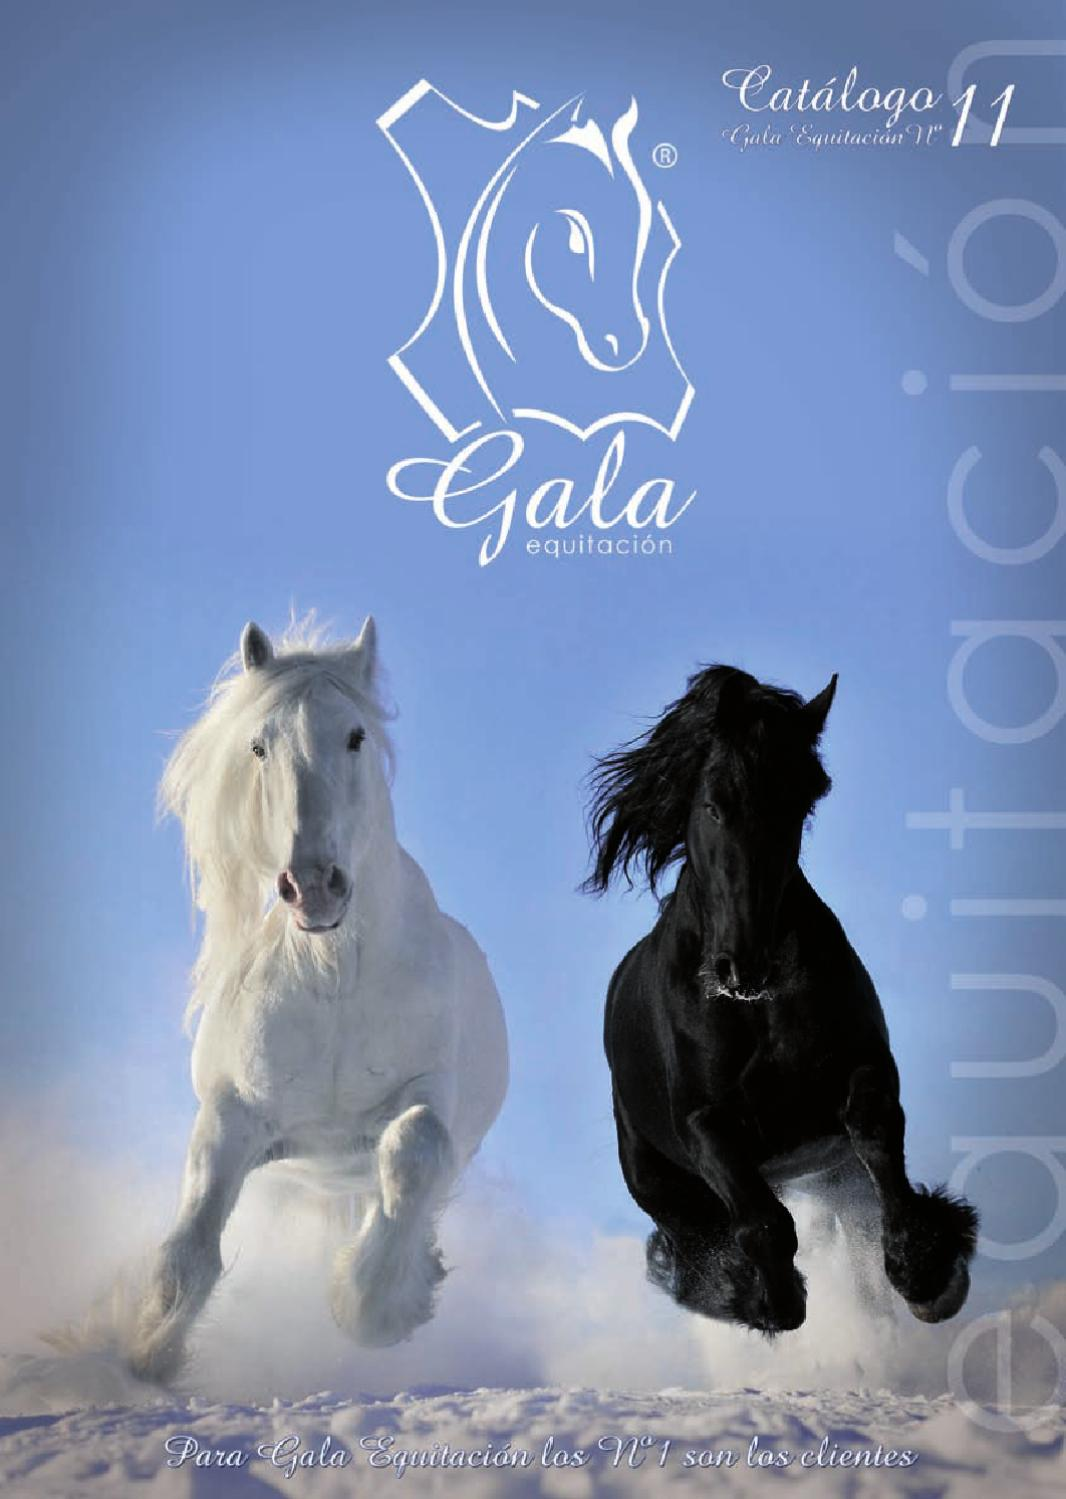 29affb9db Catalogo Gala Equitacion 2011 by Carlos Sanchez Gala - issuu